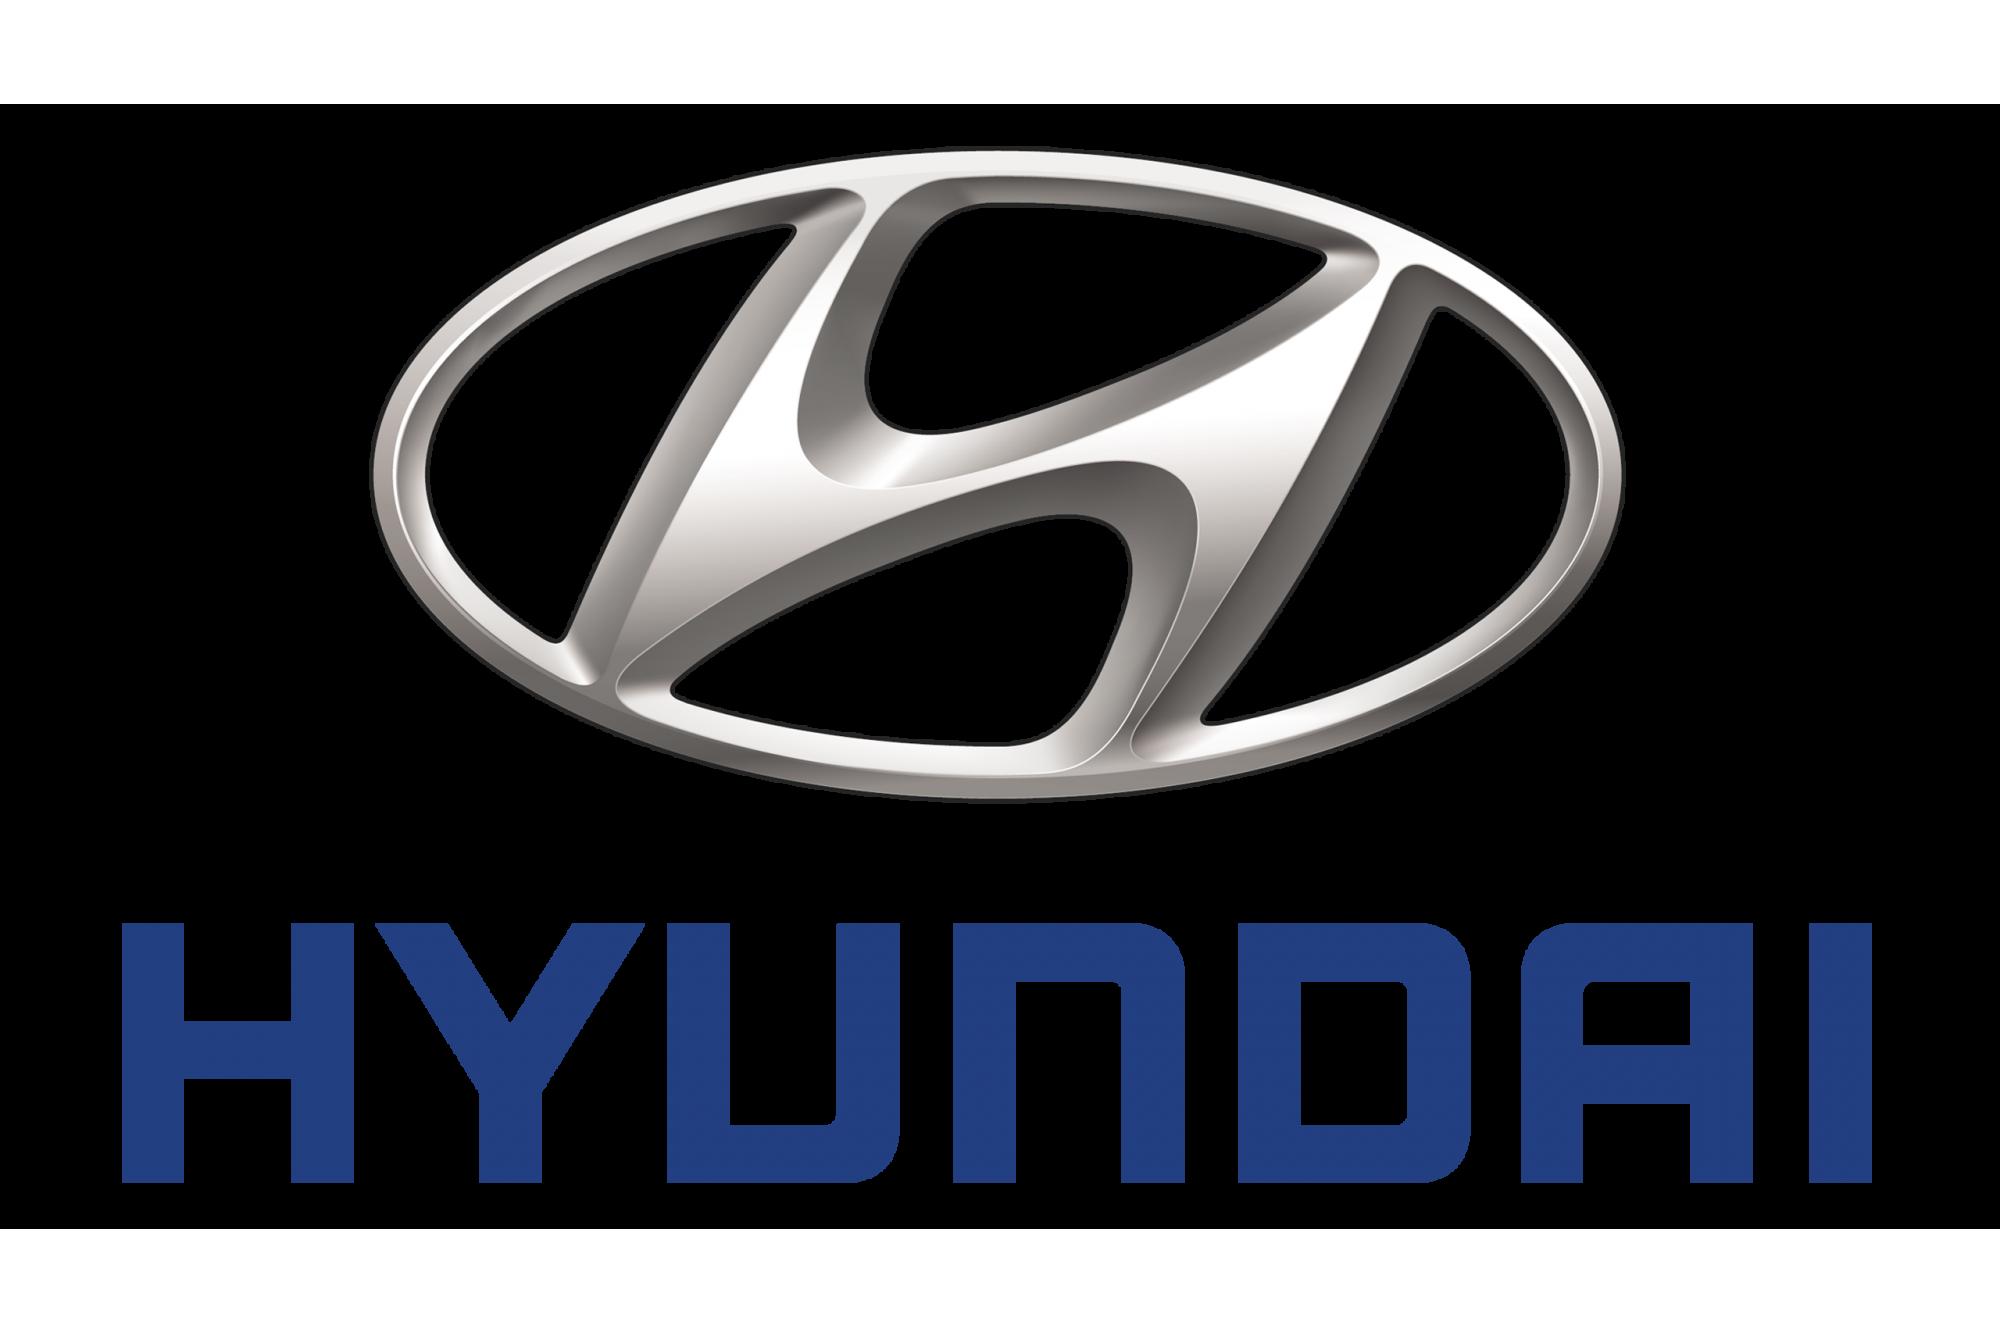 Η Hyundai εκφράζει μία αισιόδοξη υπόσχεση για όλους μας, για το «μετά».